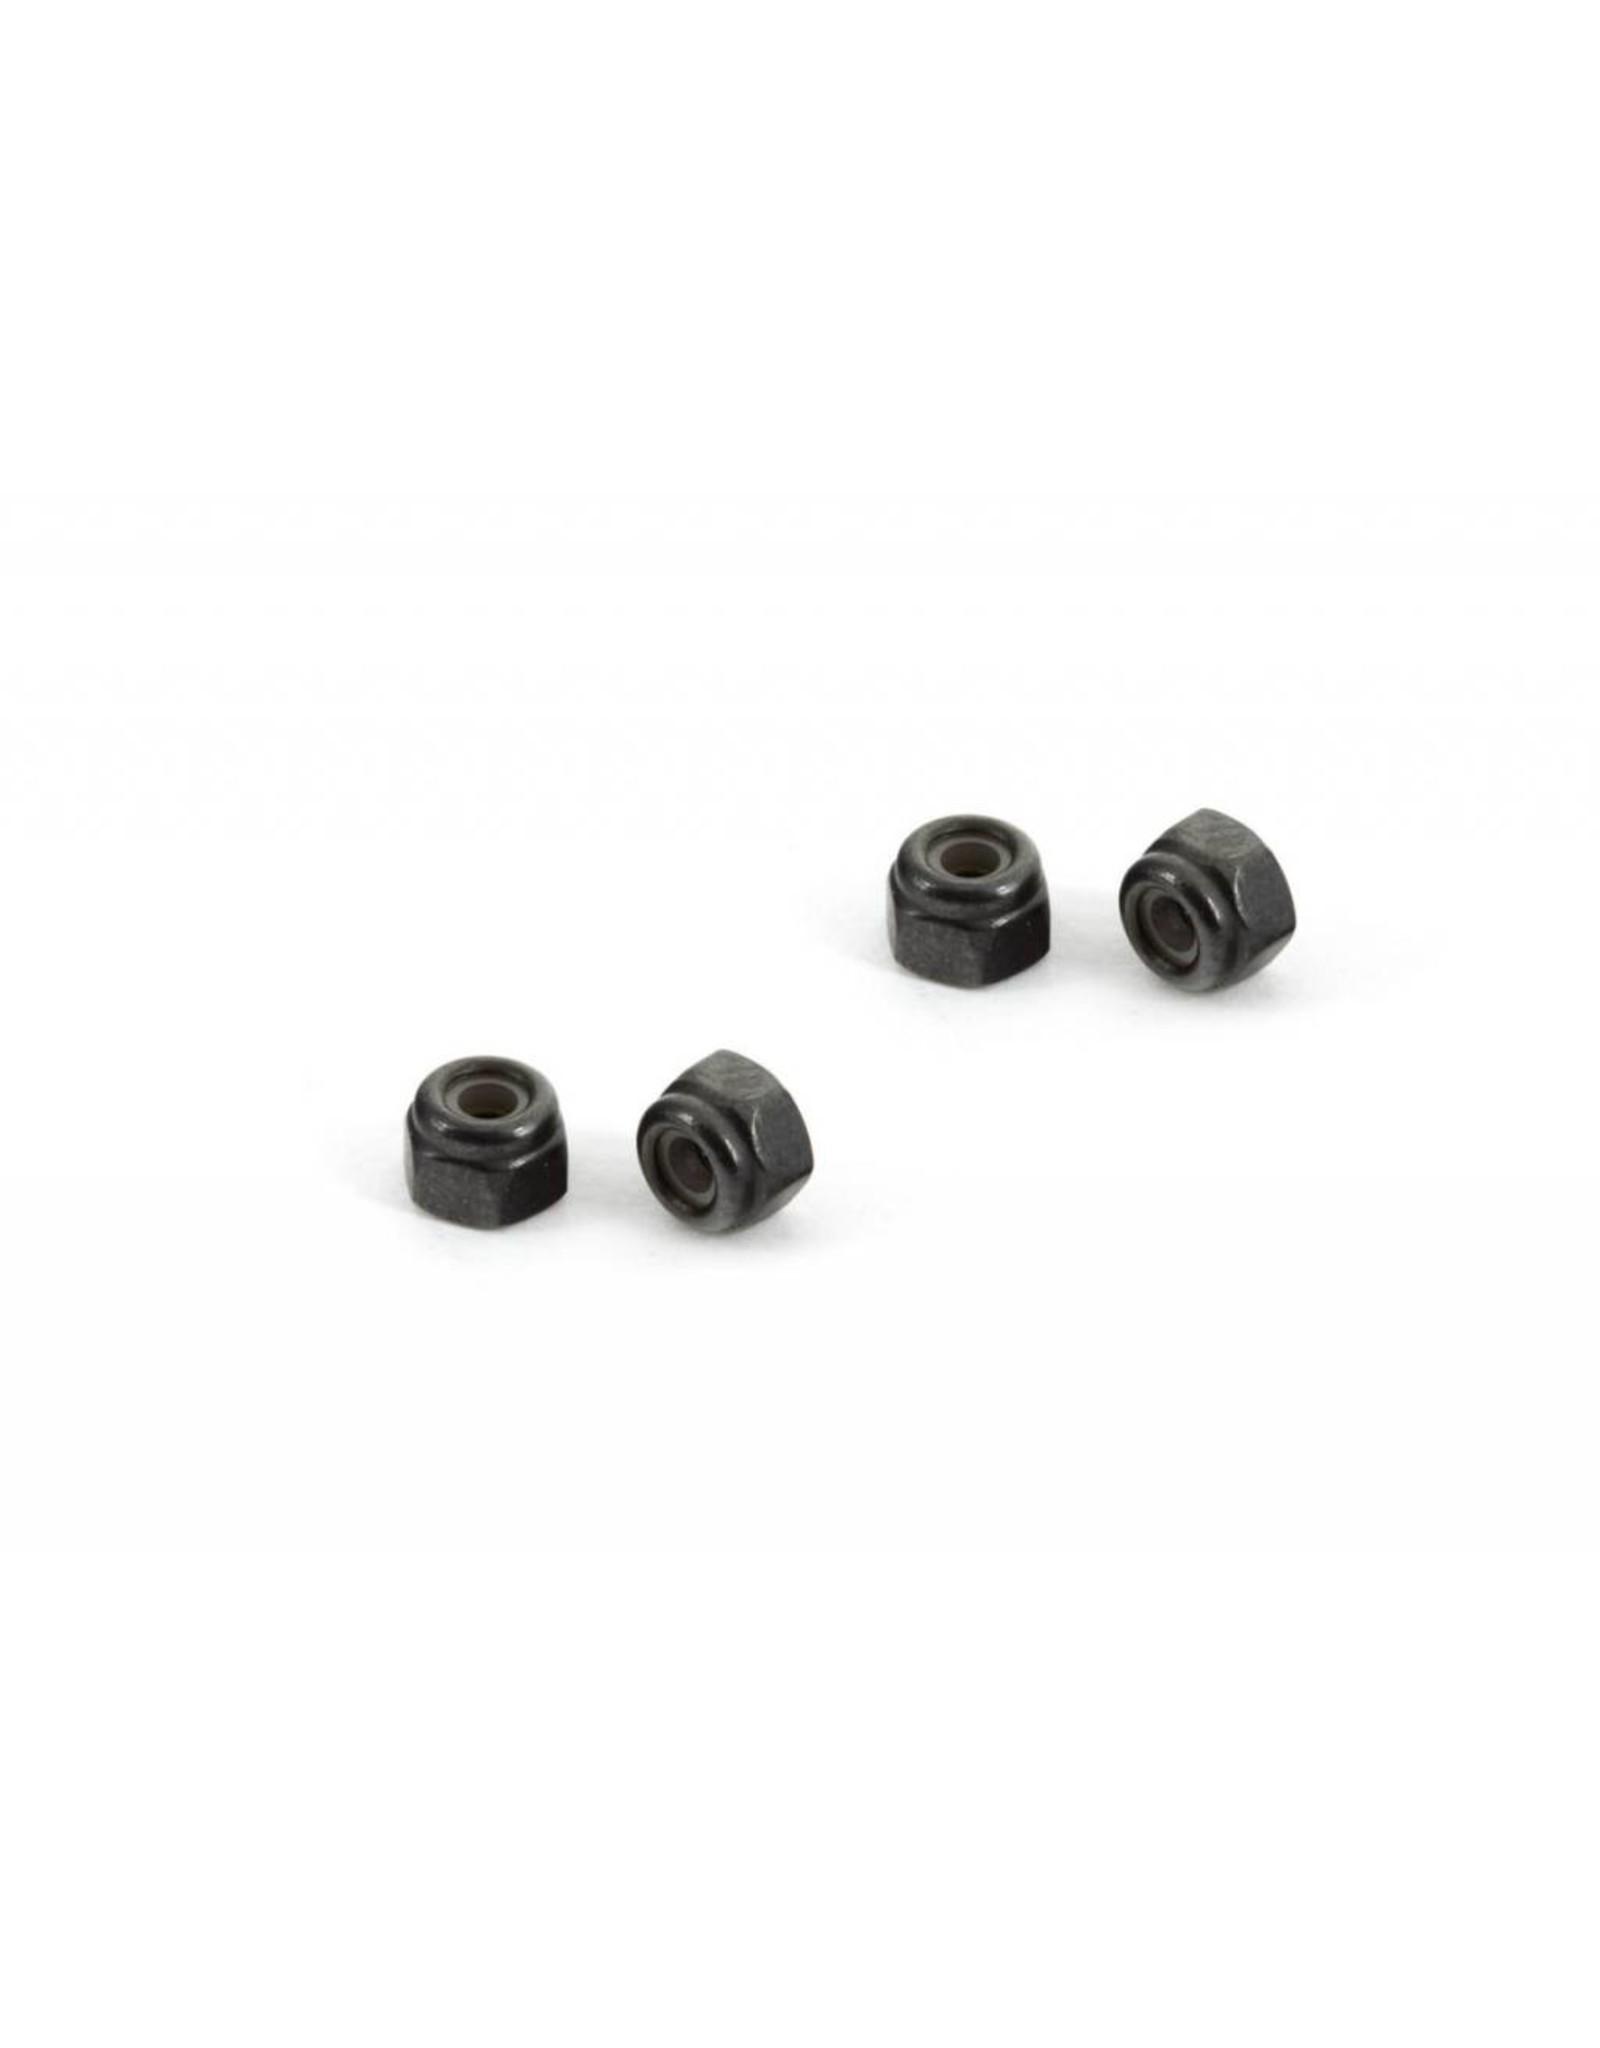 Arrma ARRMA Nylon Nut 2.5mm (4)  (AR715008)